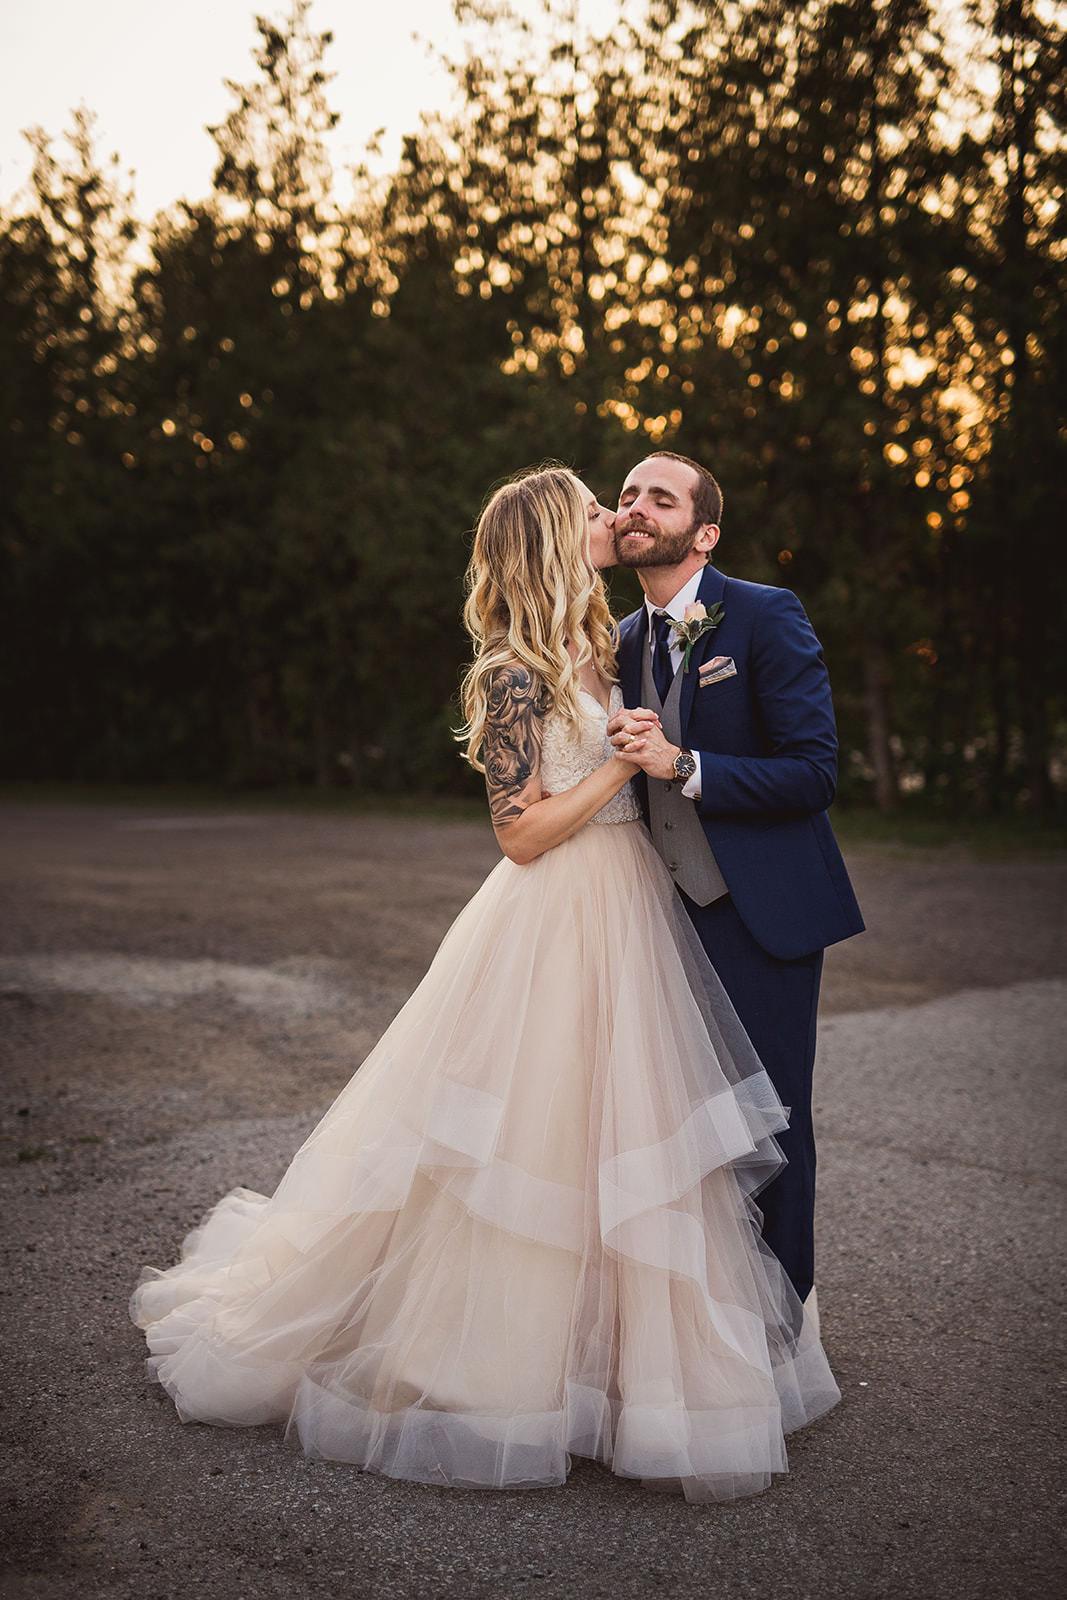 Ontario outdoor wedding venues